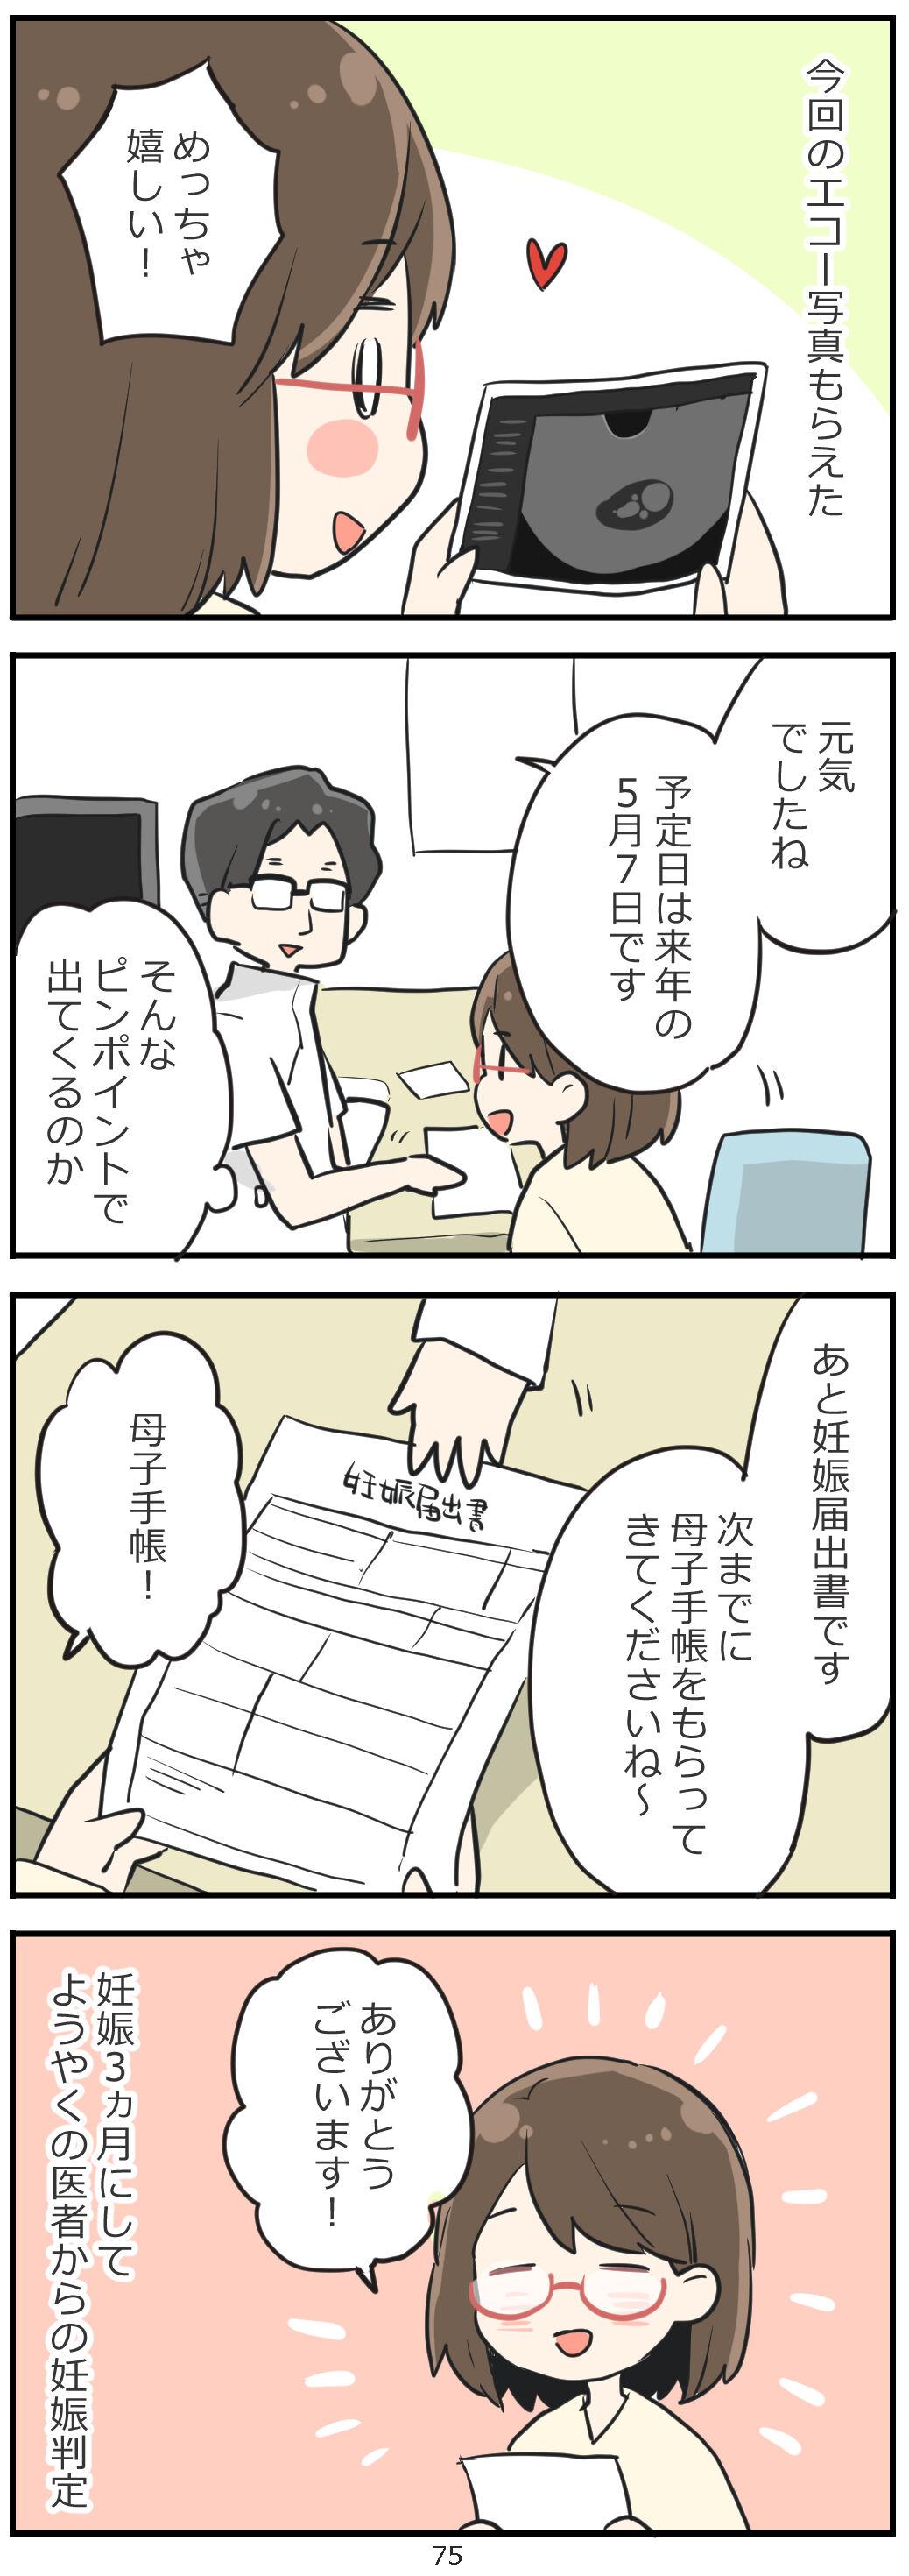 「妊活レベル1 まっふの冒険記」第75話